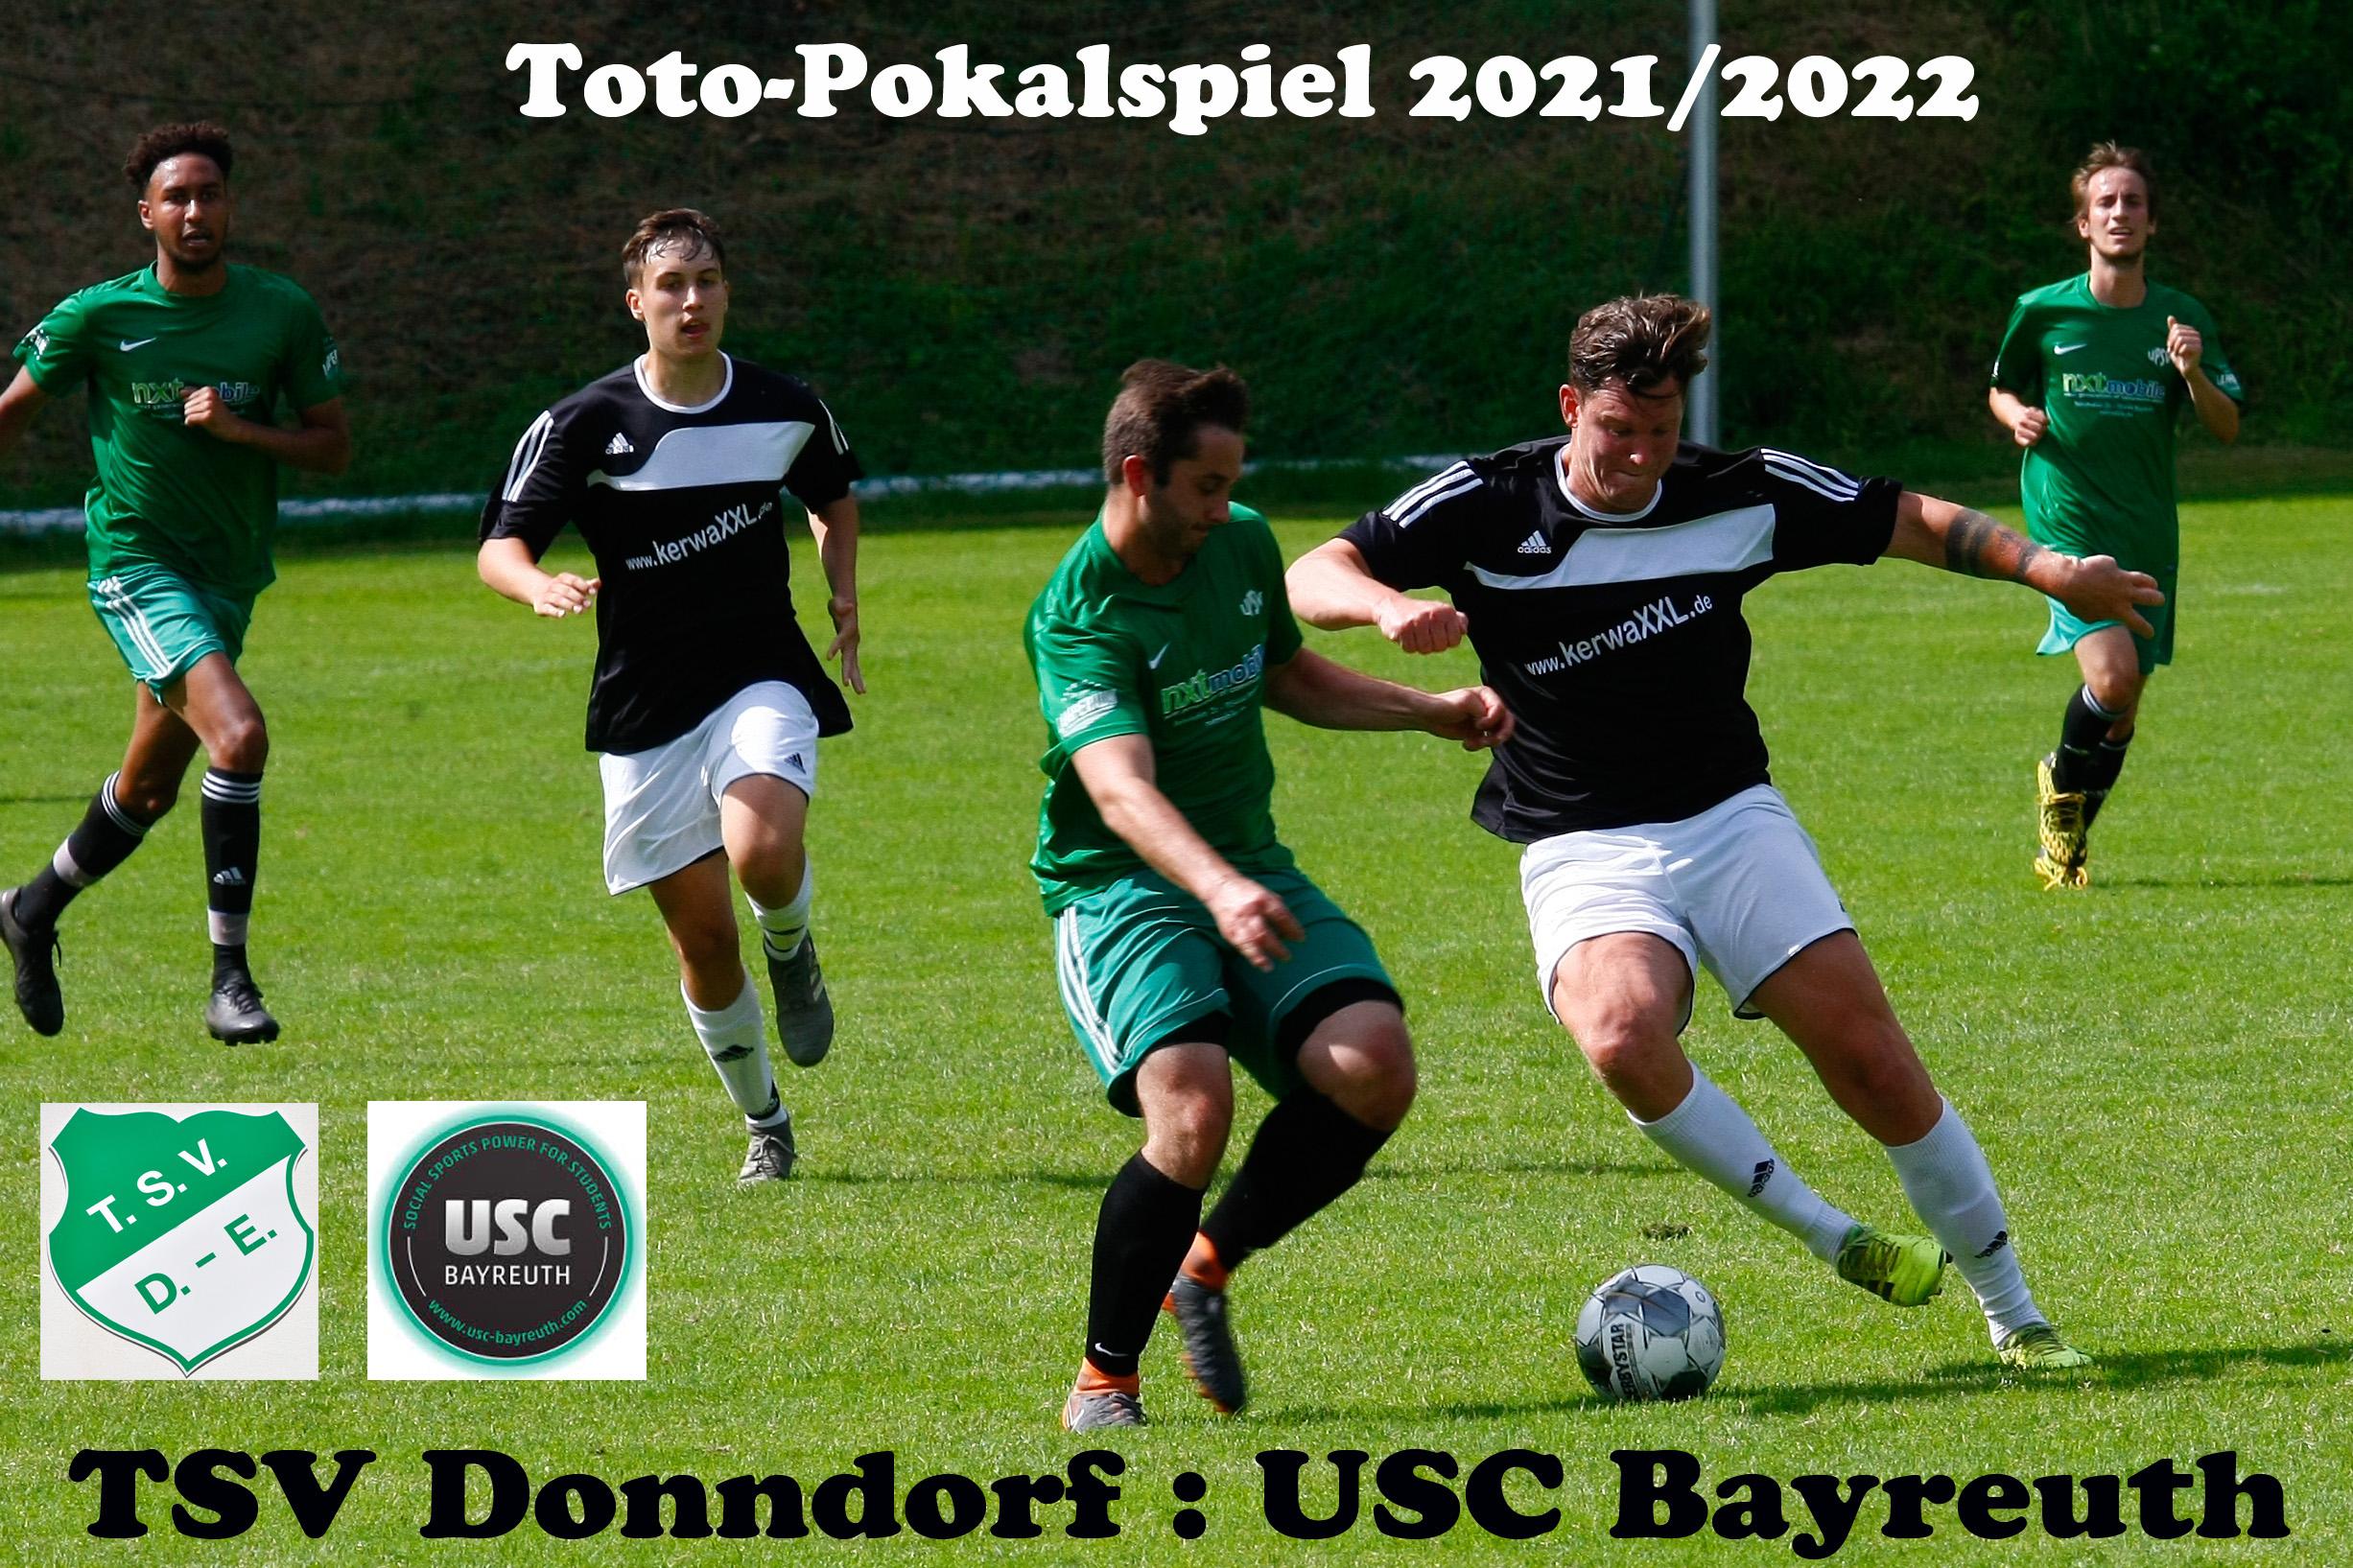 - Der Toto-Pokal 2021/2022 ist für den TSV Donndorf auch schon wieder Geschichte -